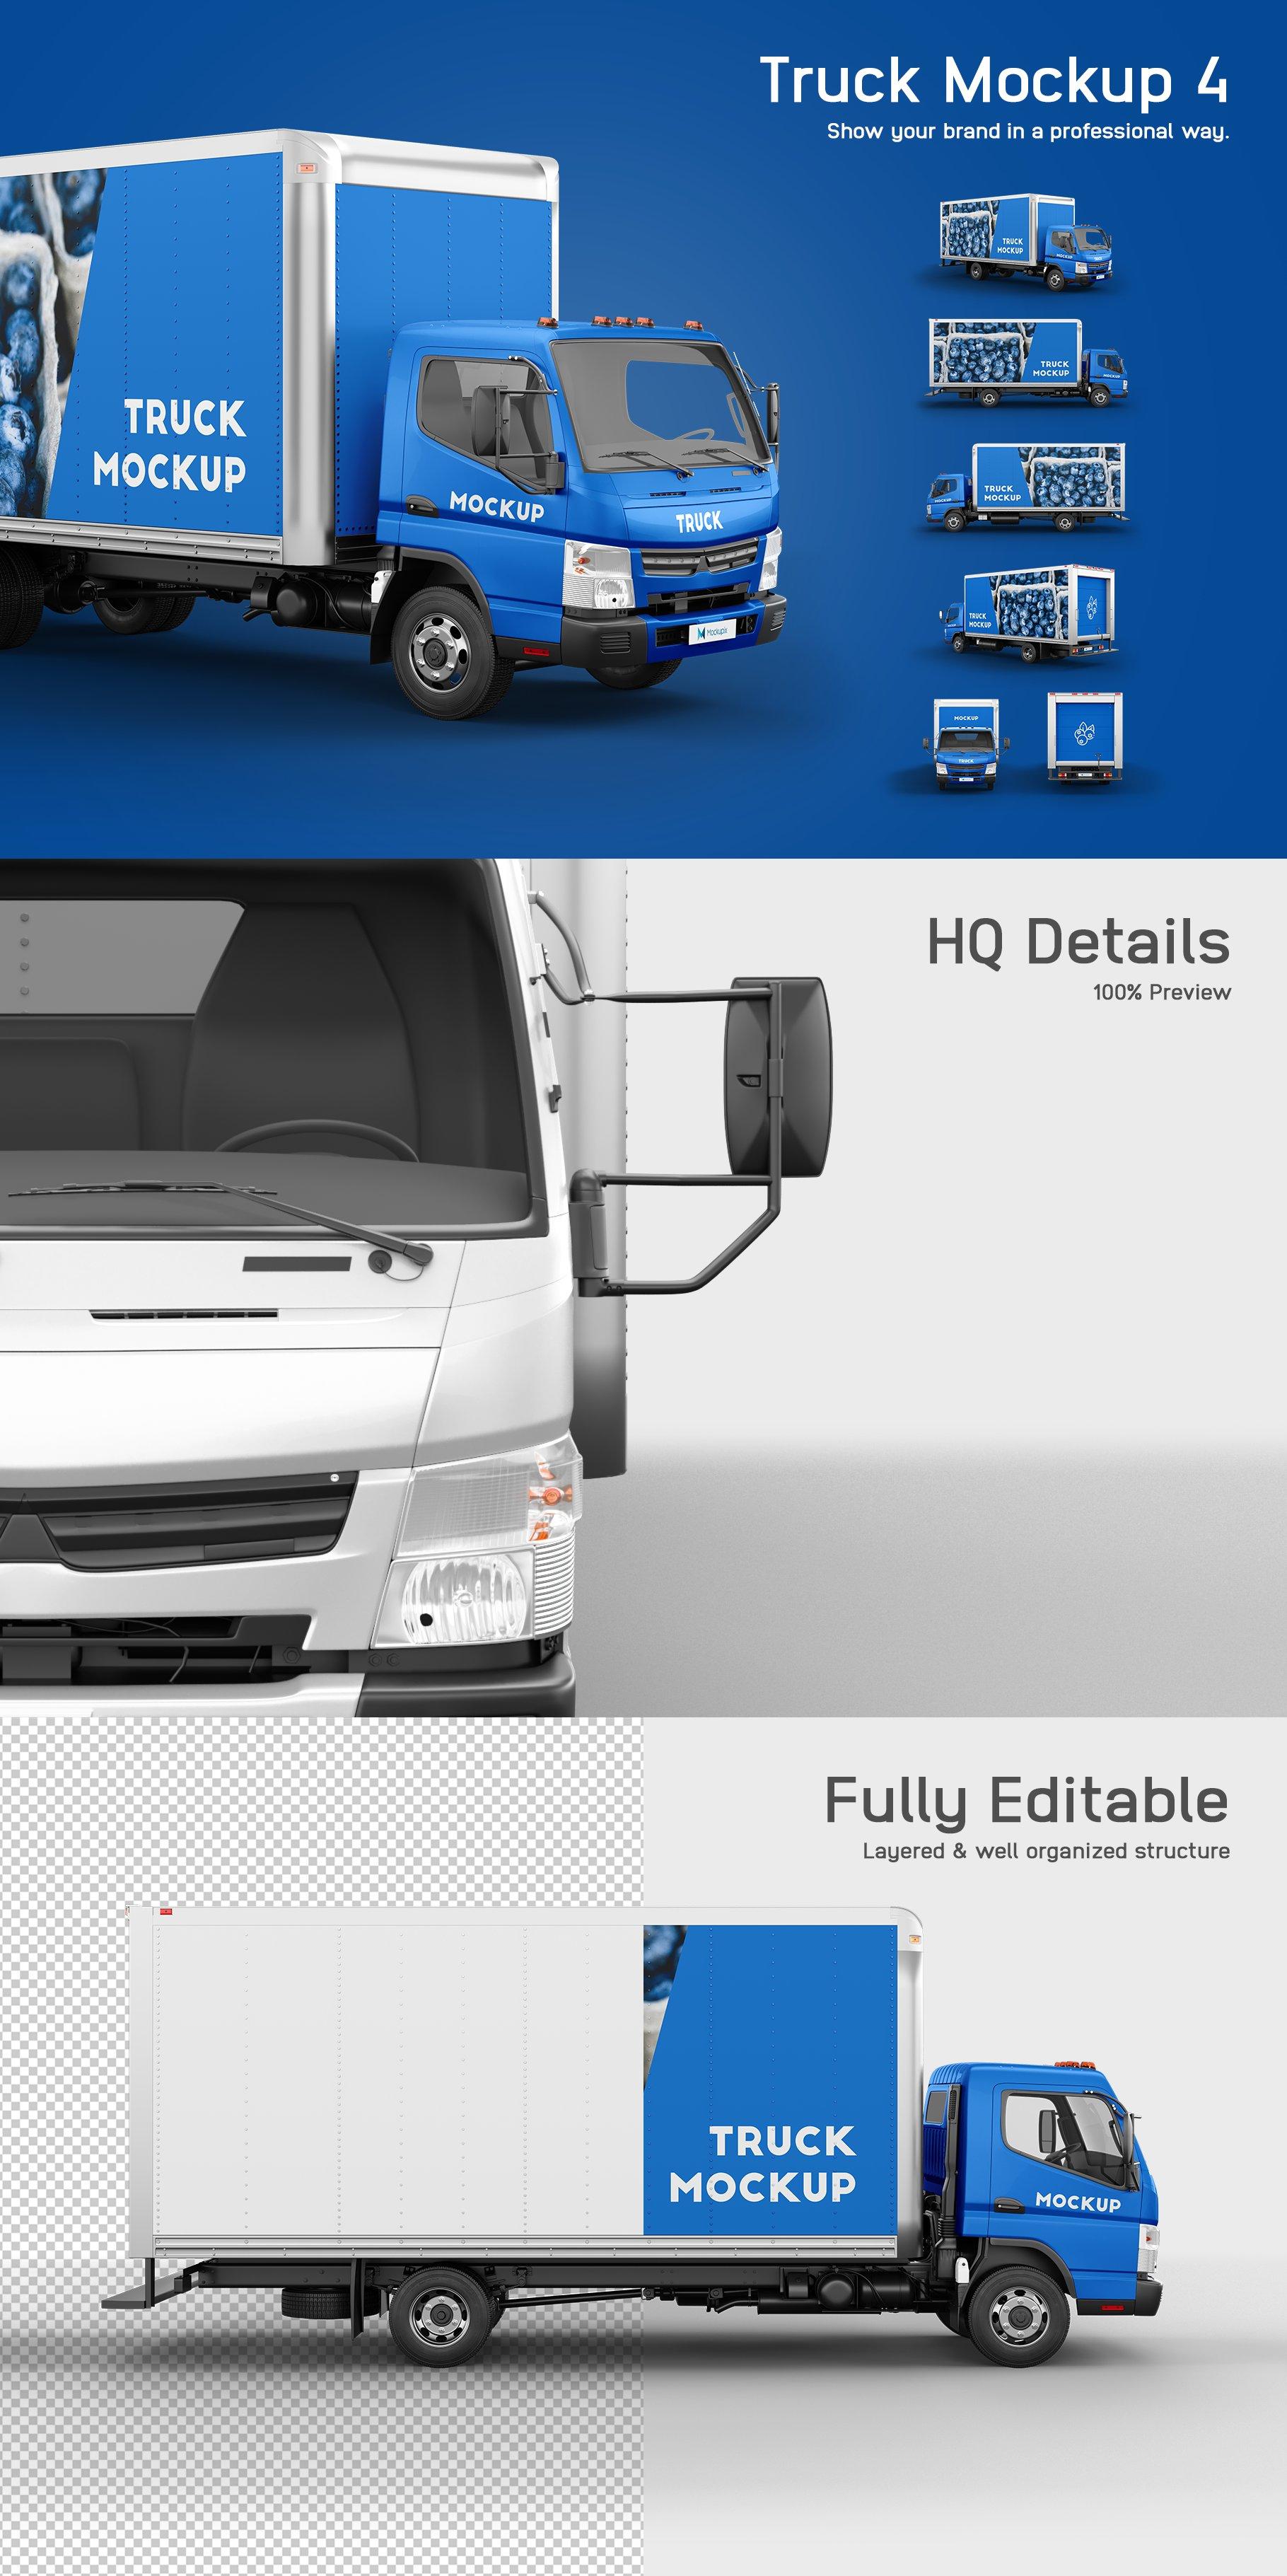 6款厢式货车卡车车身广告设计展示样机 Truck Mockup 4插图